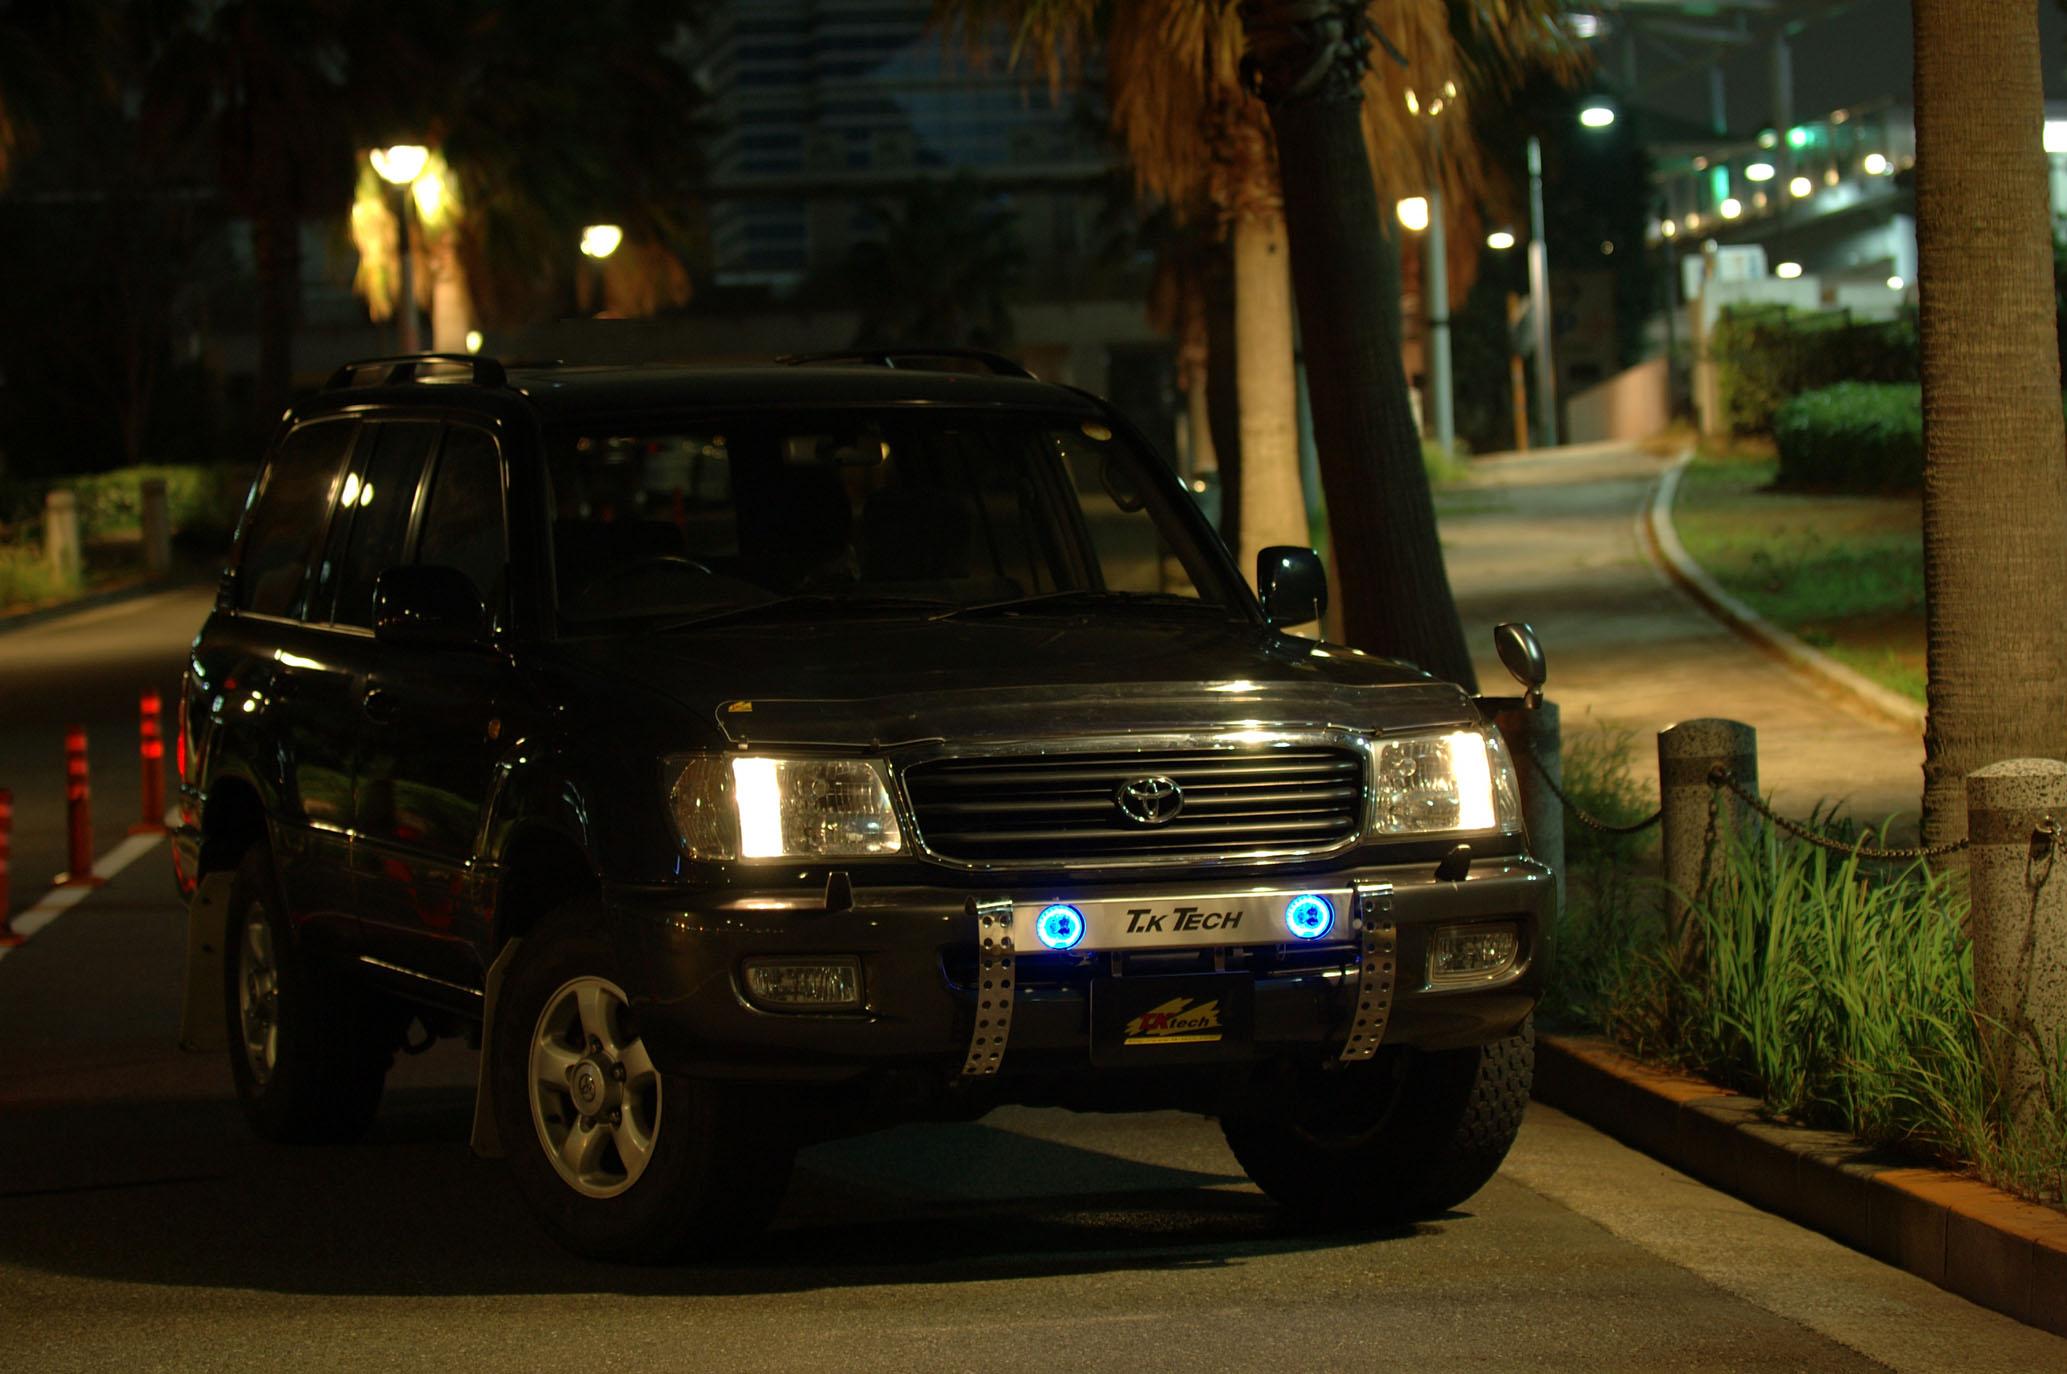 ランクル100用カスタムパーツ フォグランプ&ブルーリング内蔵ランプステー LEDDOTARM